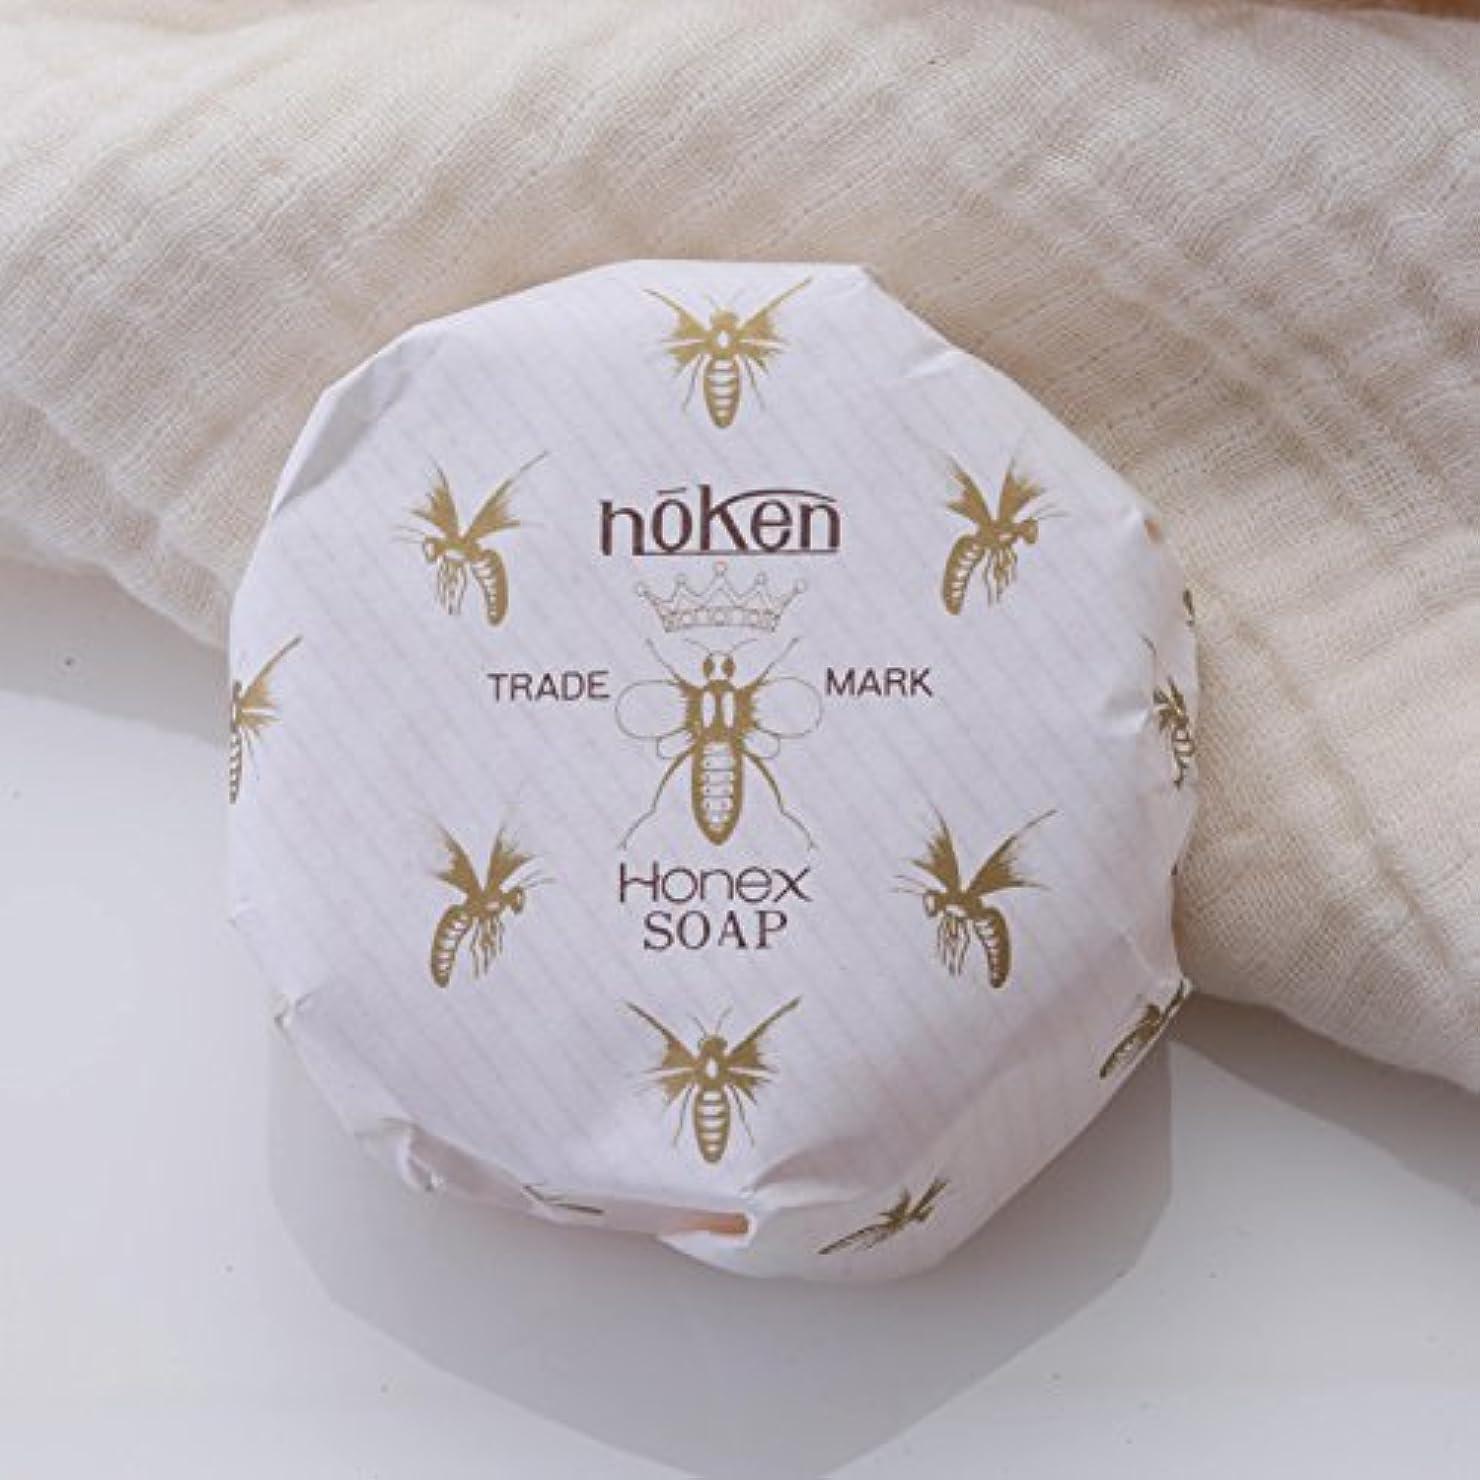 証言するアミューズ韻HOKEN/HONEYX ソープ 大